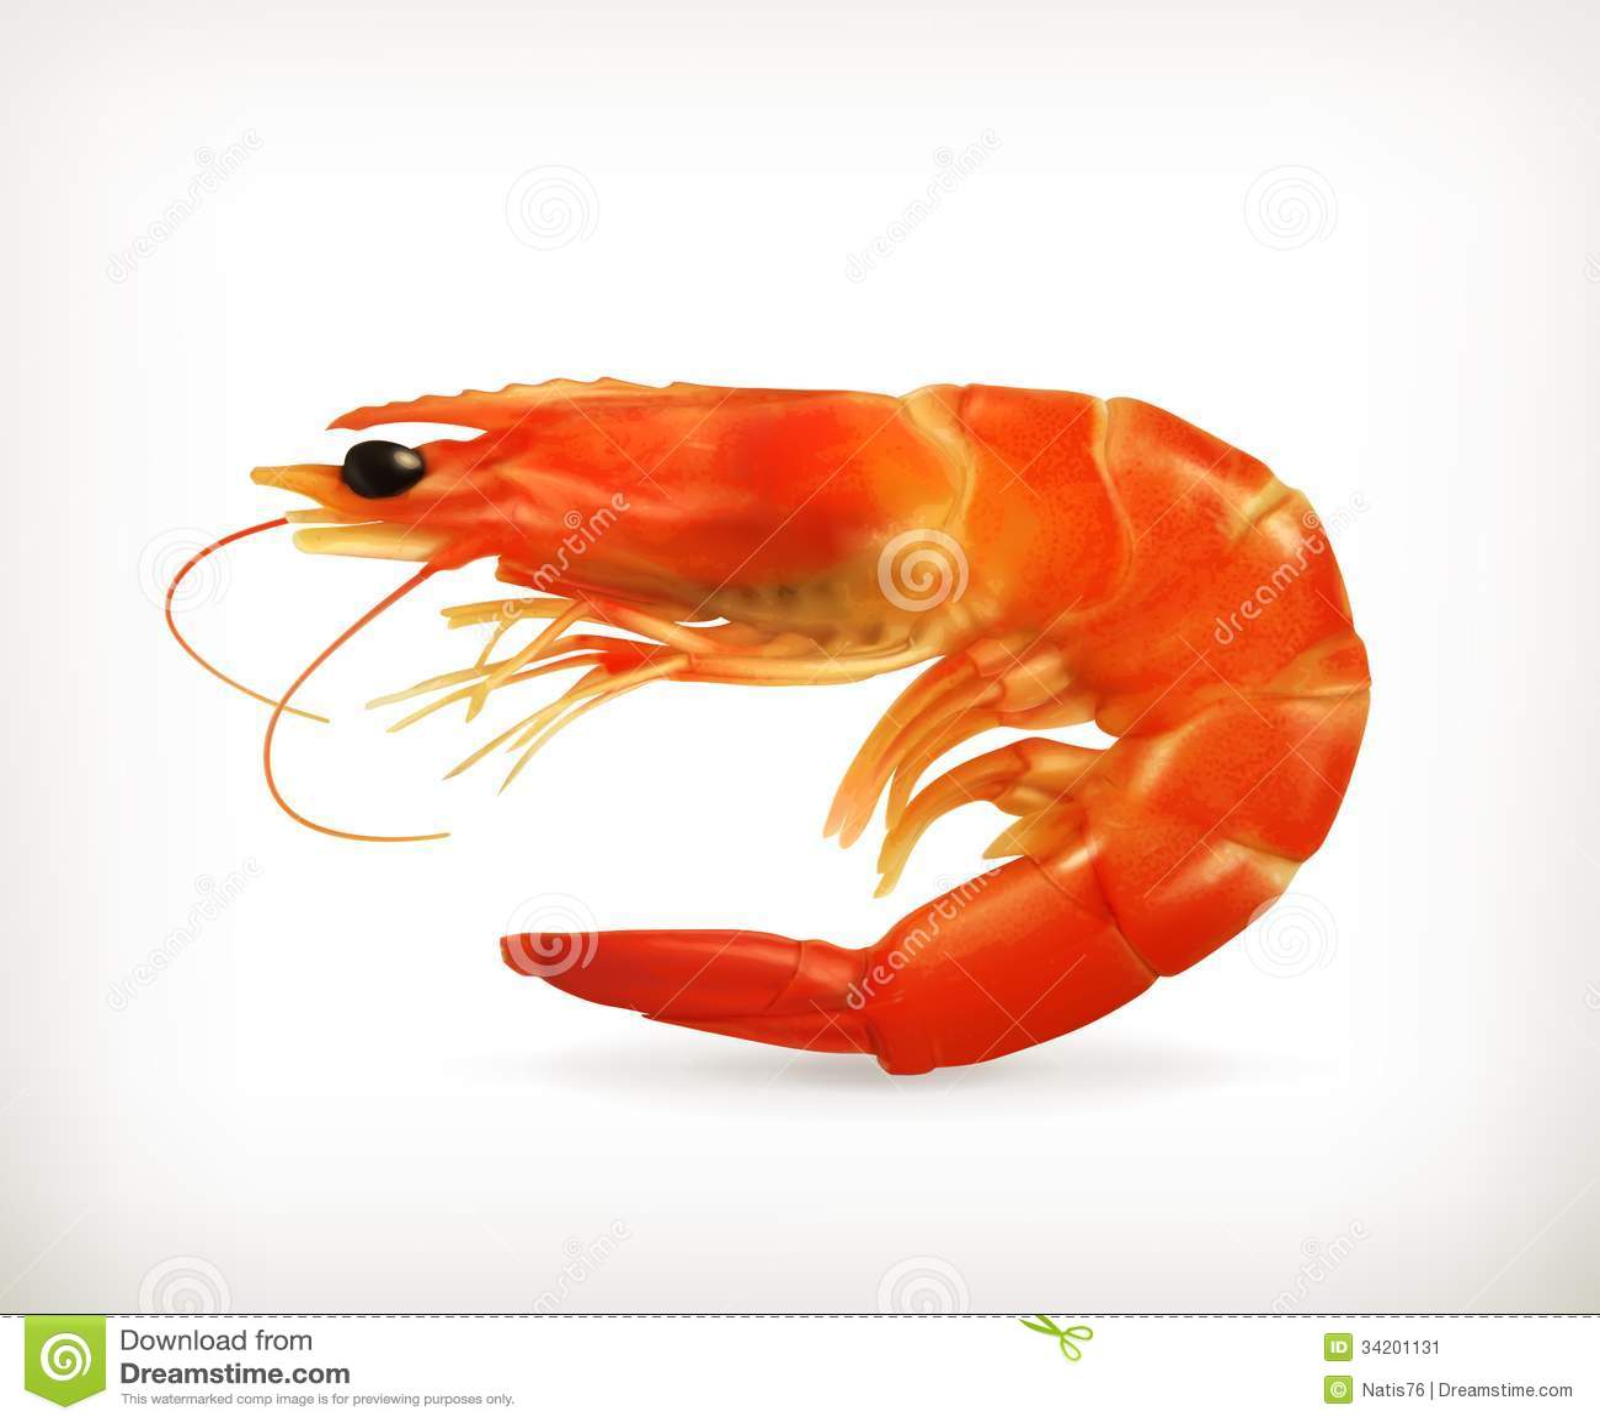 Shrimp Stock Image - Image: 34201131